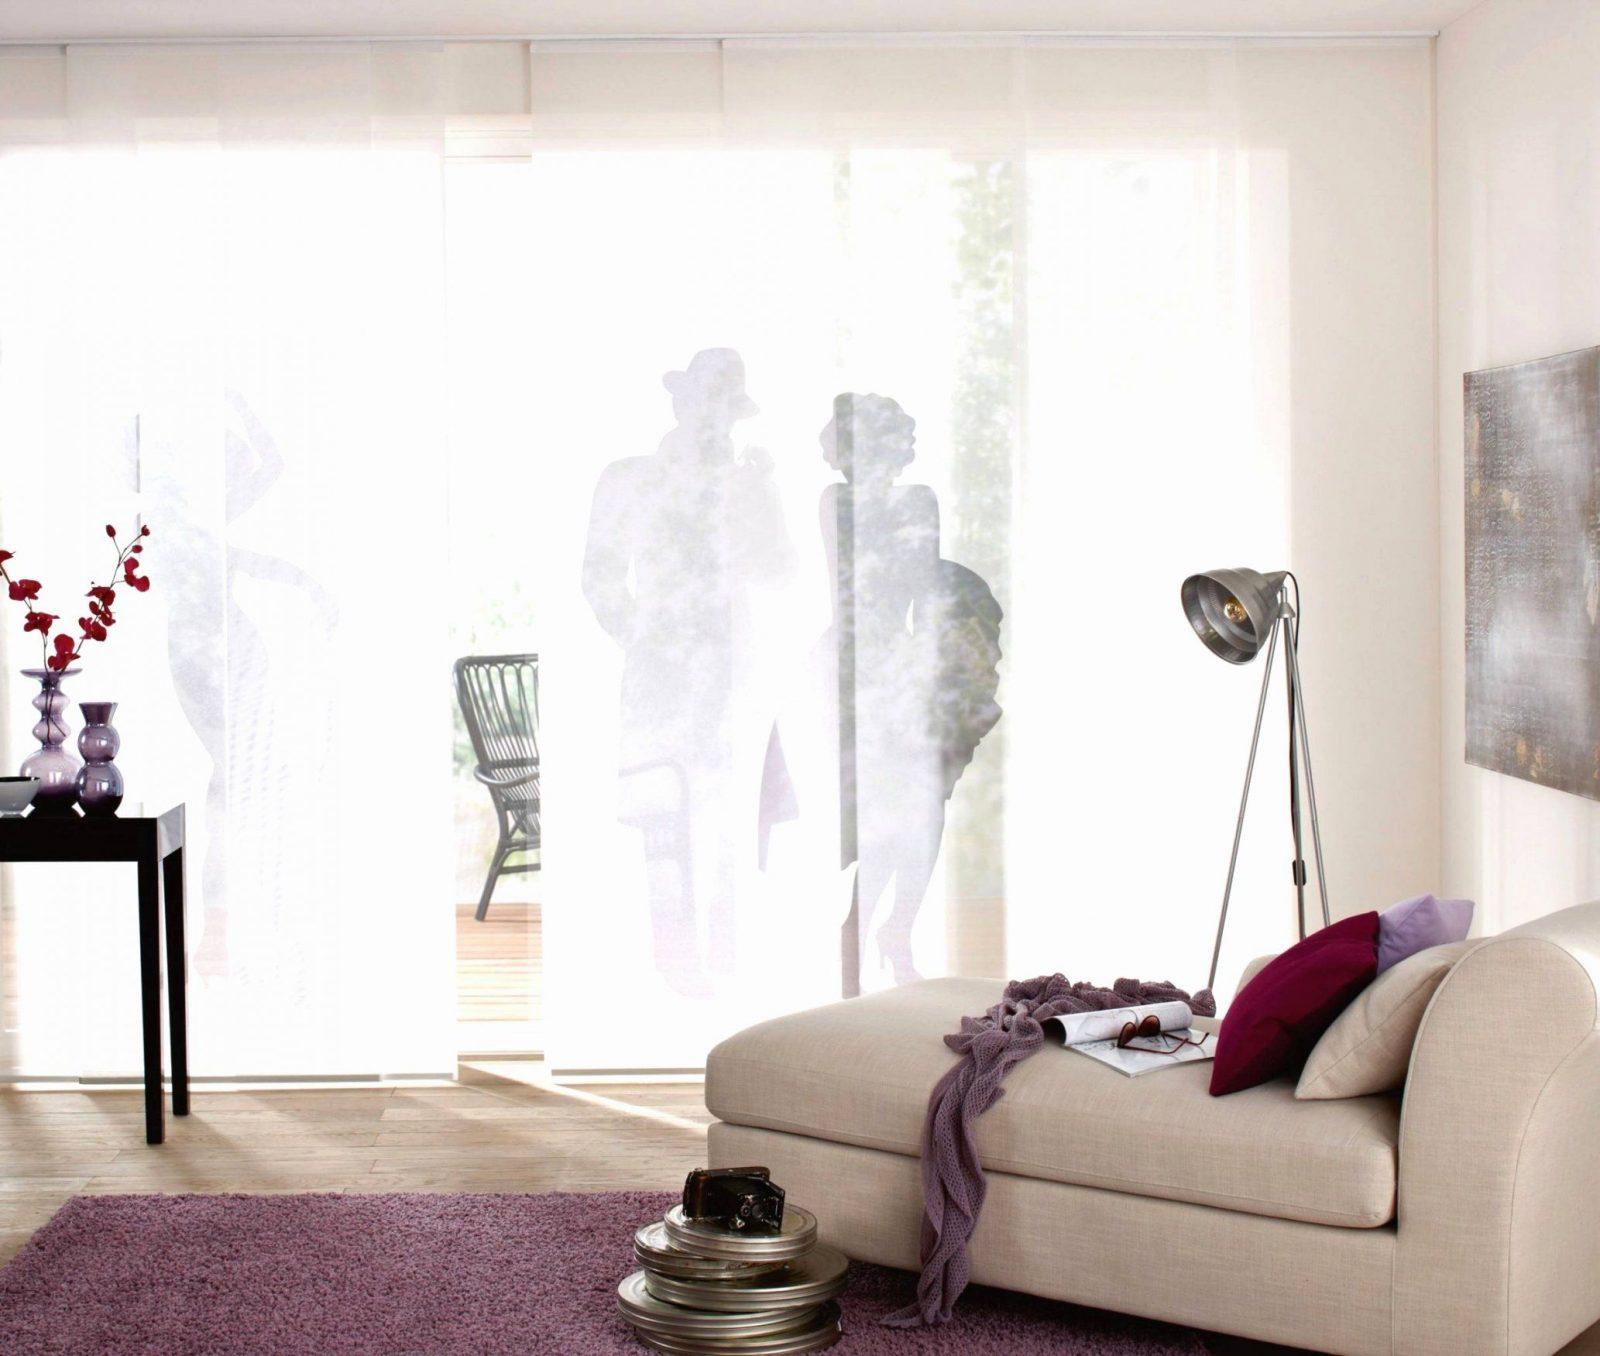 Fenstergestaltung Mit Gardinen Beispiele Elegant Schon Vorhang von Fenstergestaltung Mit Gardinen Beispiele Photo